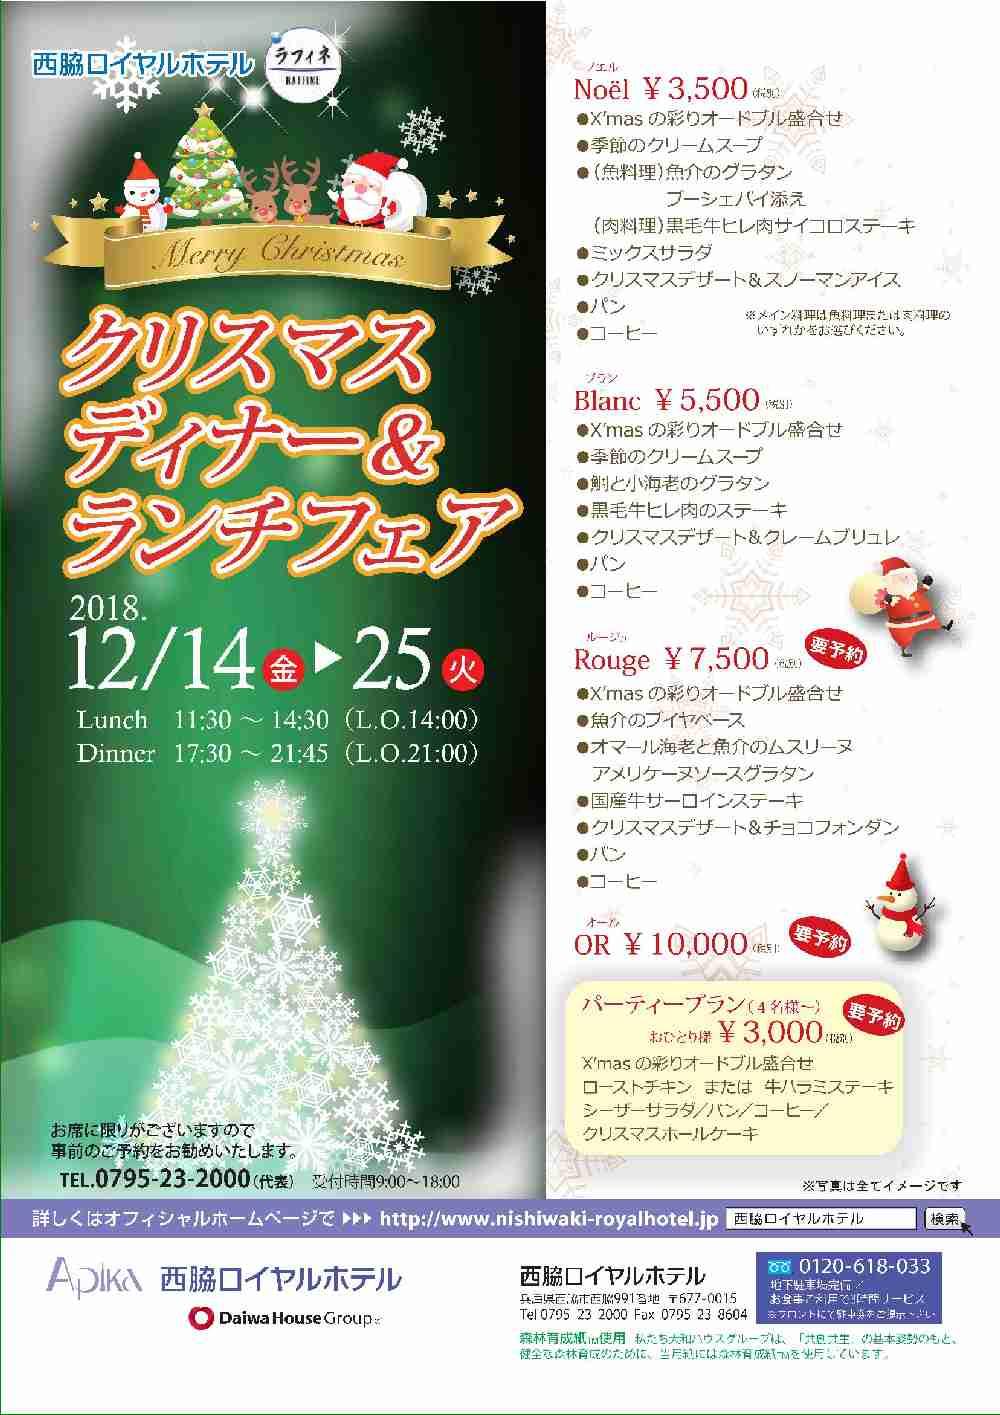 12/4~25 クリスマスディナー&ランチフェア:西脇ロイヤルホテル